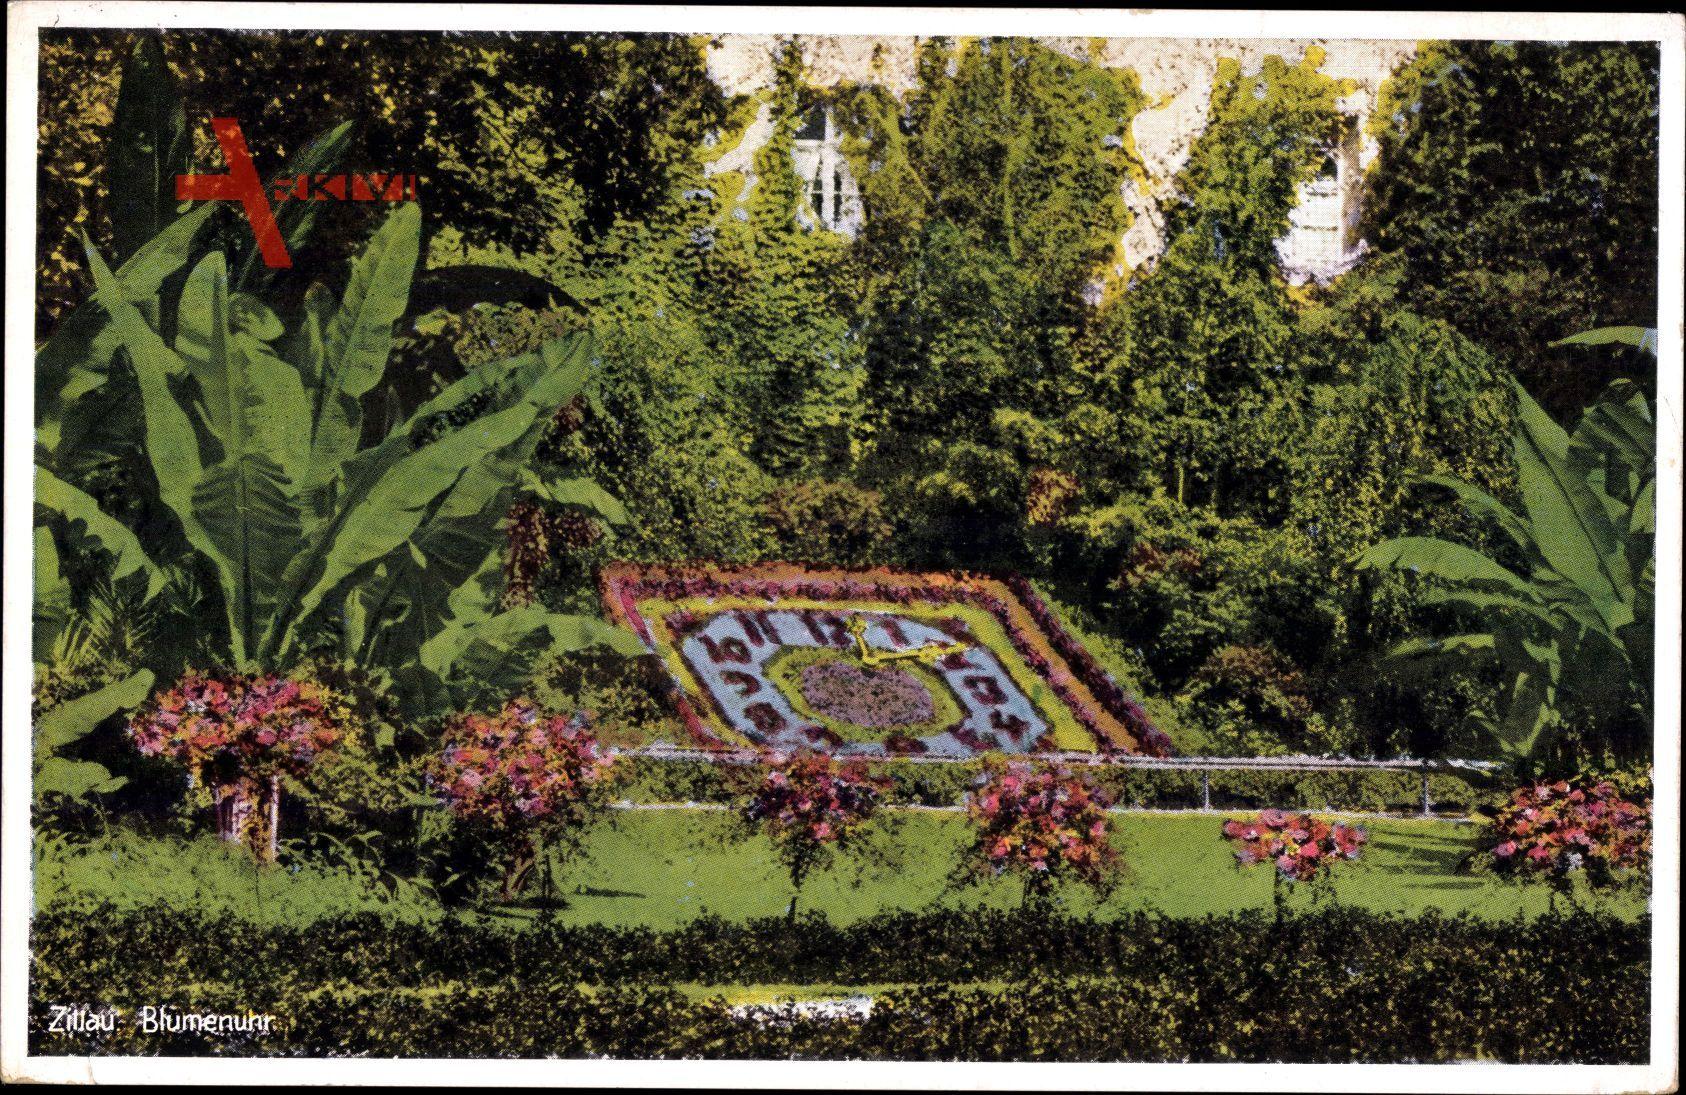 Zittau in der Oberlausitz, Blick auf die Blumenuhr an der Stadtgärtnerei